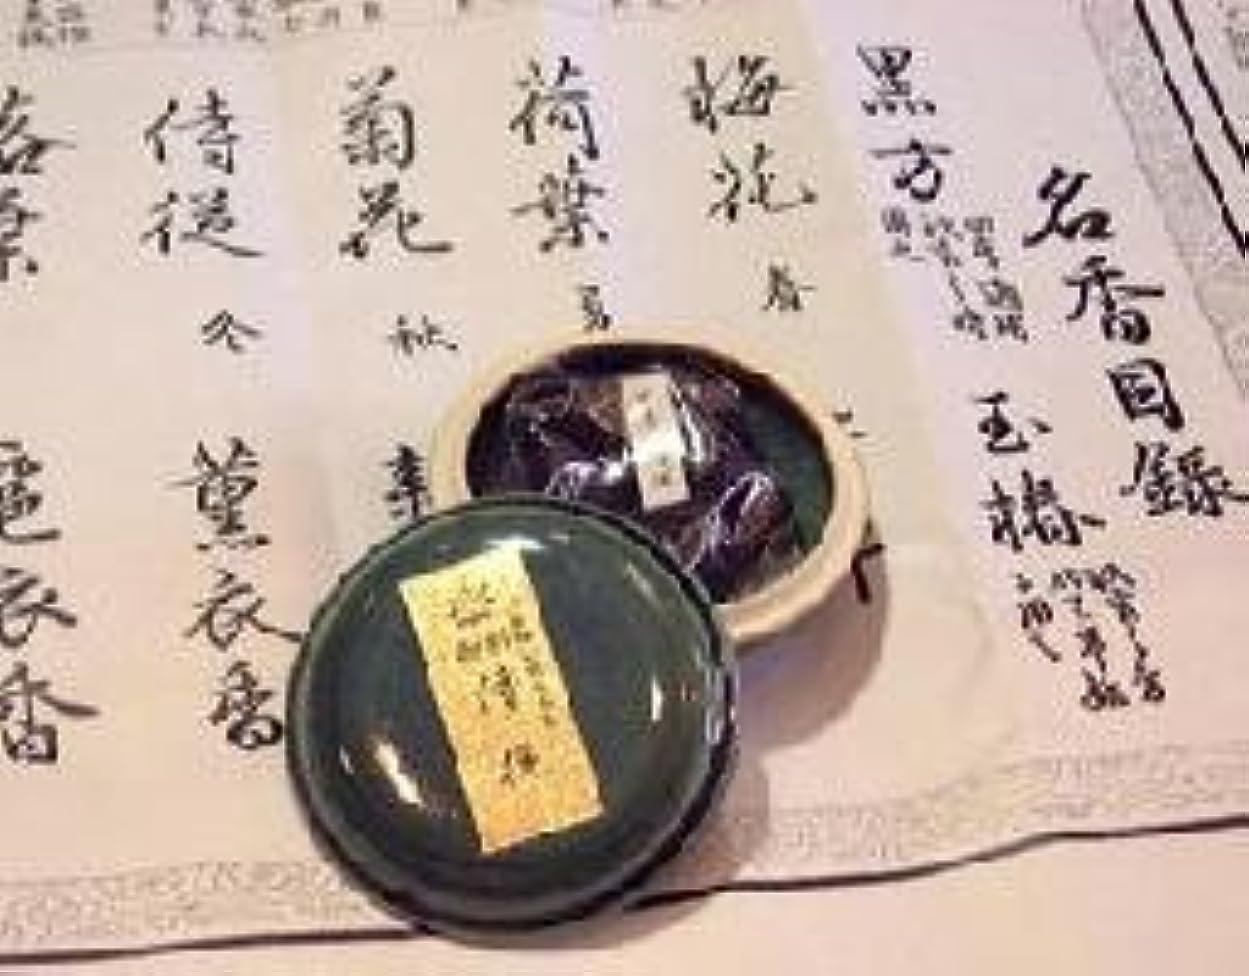 肌逆に子鳩居堂の煉香 御香 侍従 桐箱 たと紙 陶器香合11g入 #505